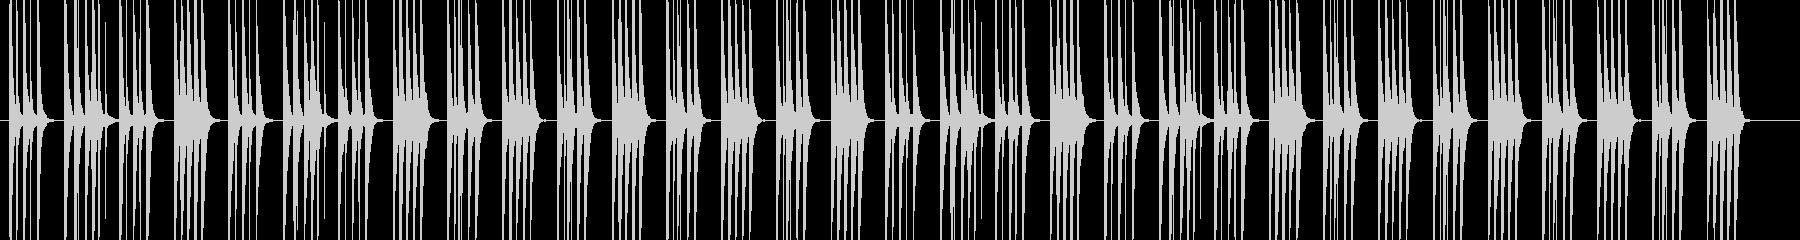 ほのぼのしたアニメ系BGMの未再生の波形